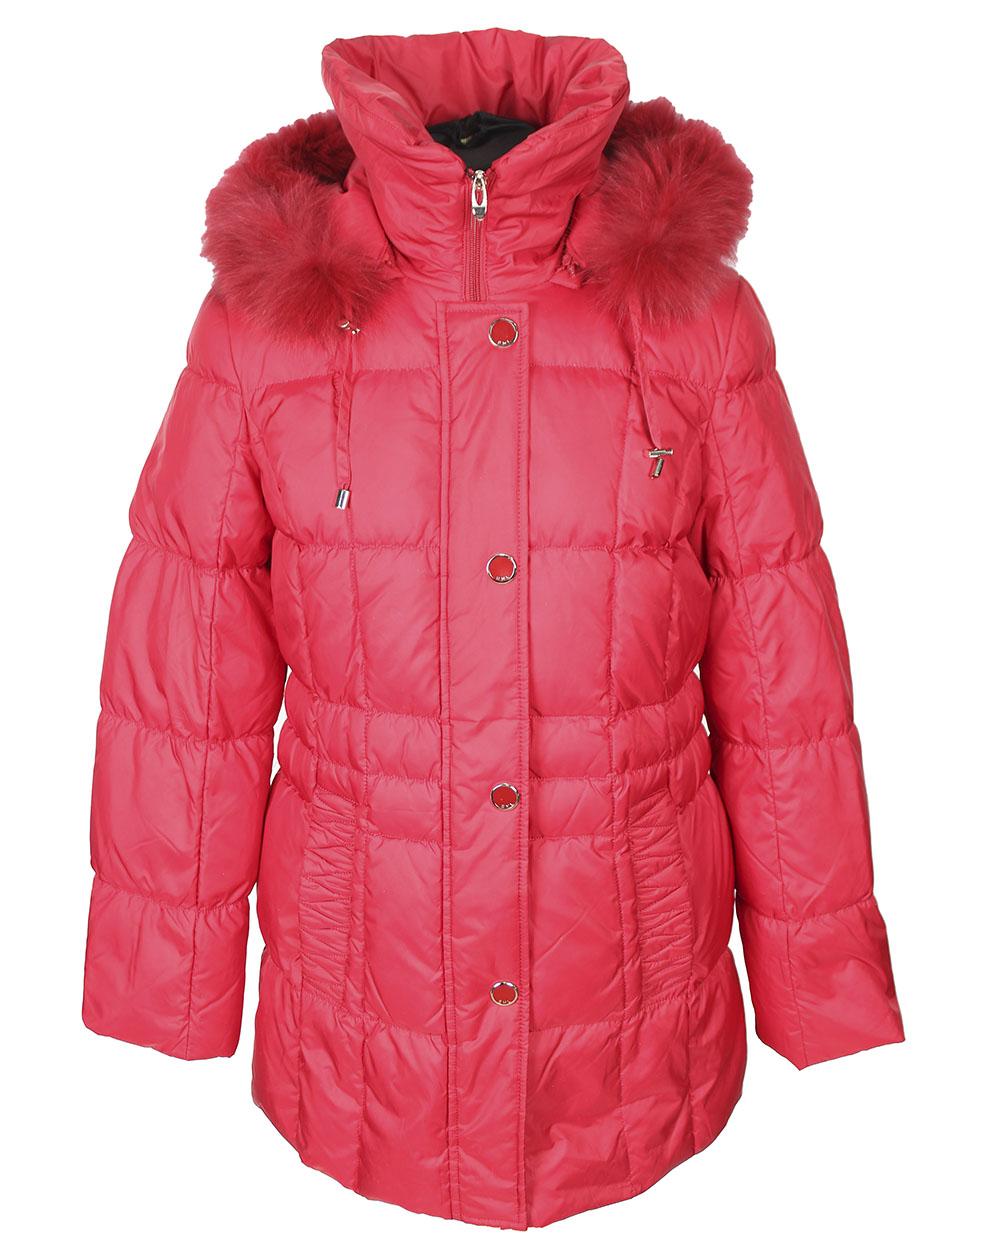 Зимняя женская одежда с мехом